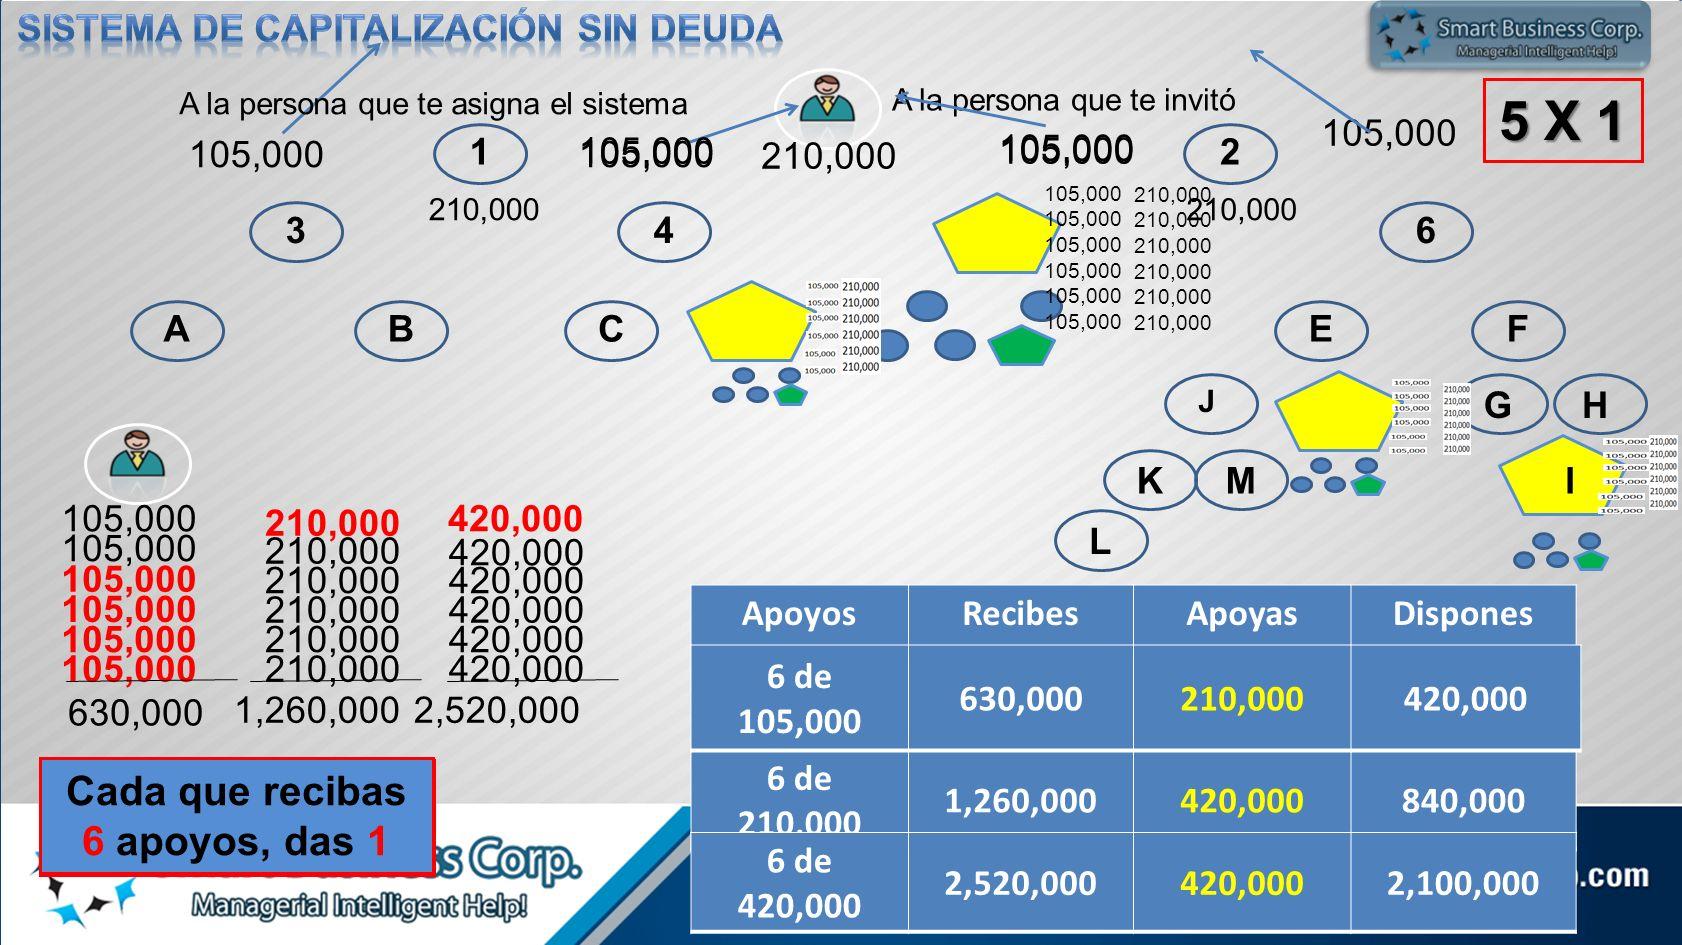 12 3456 ABCDEF GH KM L J N 210,000 105,000 5 X 1 105,000 210,000 105,000 630,000 210,000 1,260,000 420,000 2,520,000 Cada que recibas 6 apoyos, das 1